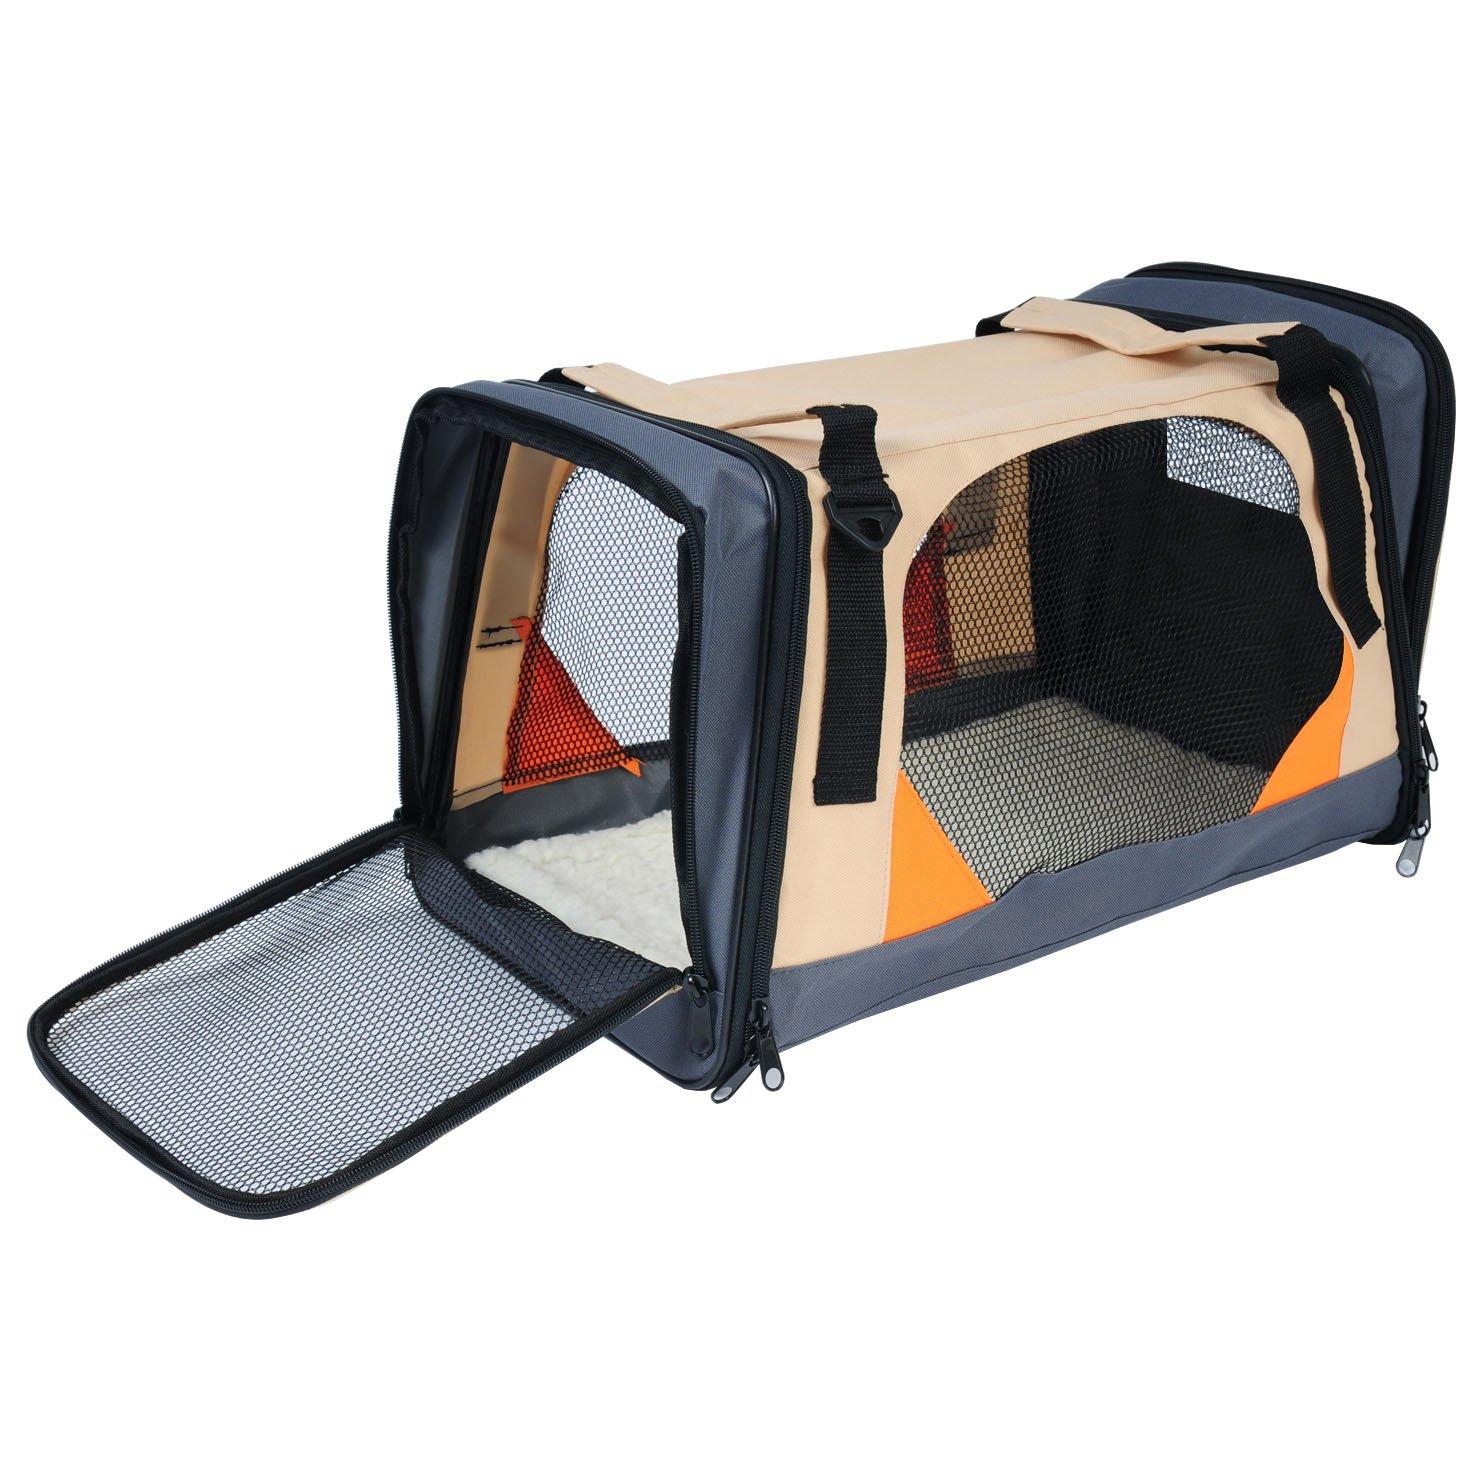 WOLTU HT2073br Cage de boîte de Voiture en Oxford pour Animal, Caisse de Transport Pliable pour Chien, Taille Environ 49x29x30cm, Brun